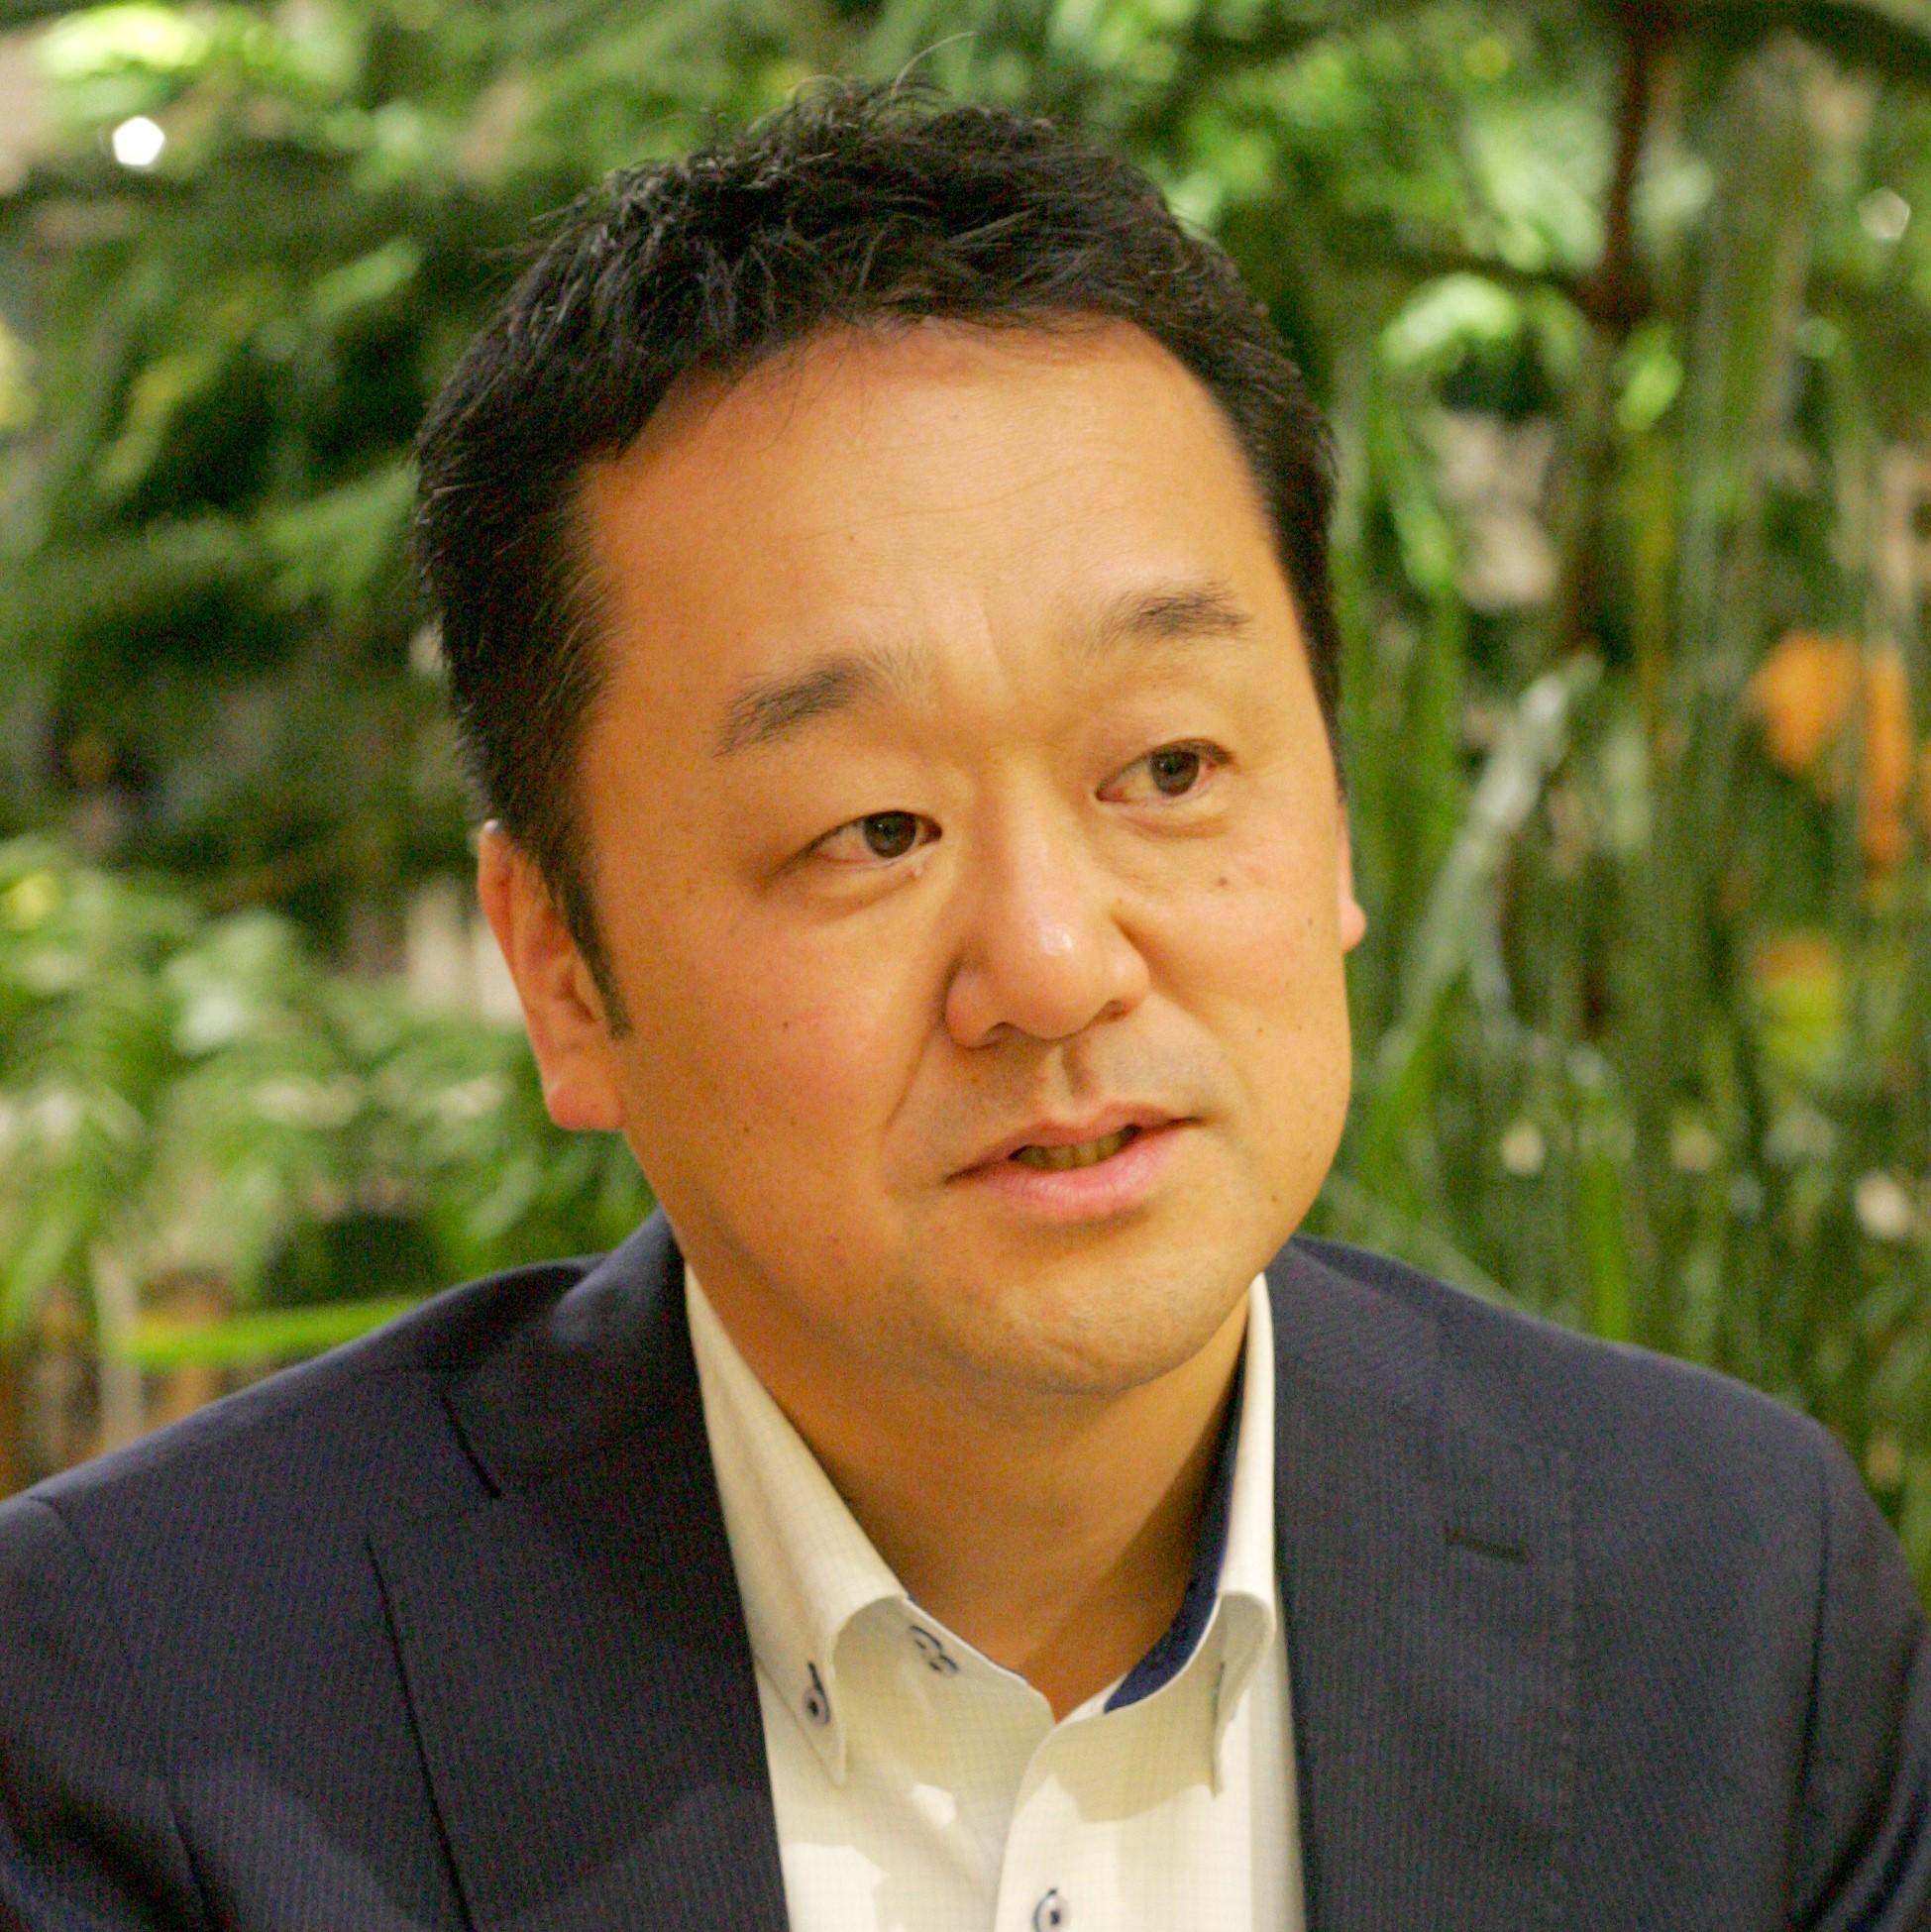 Shinji Taguchi